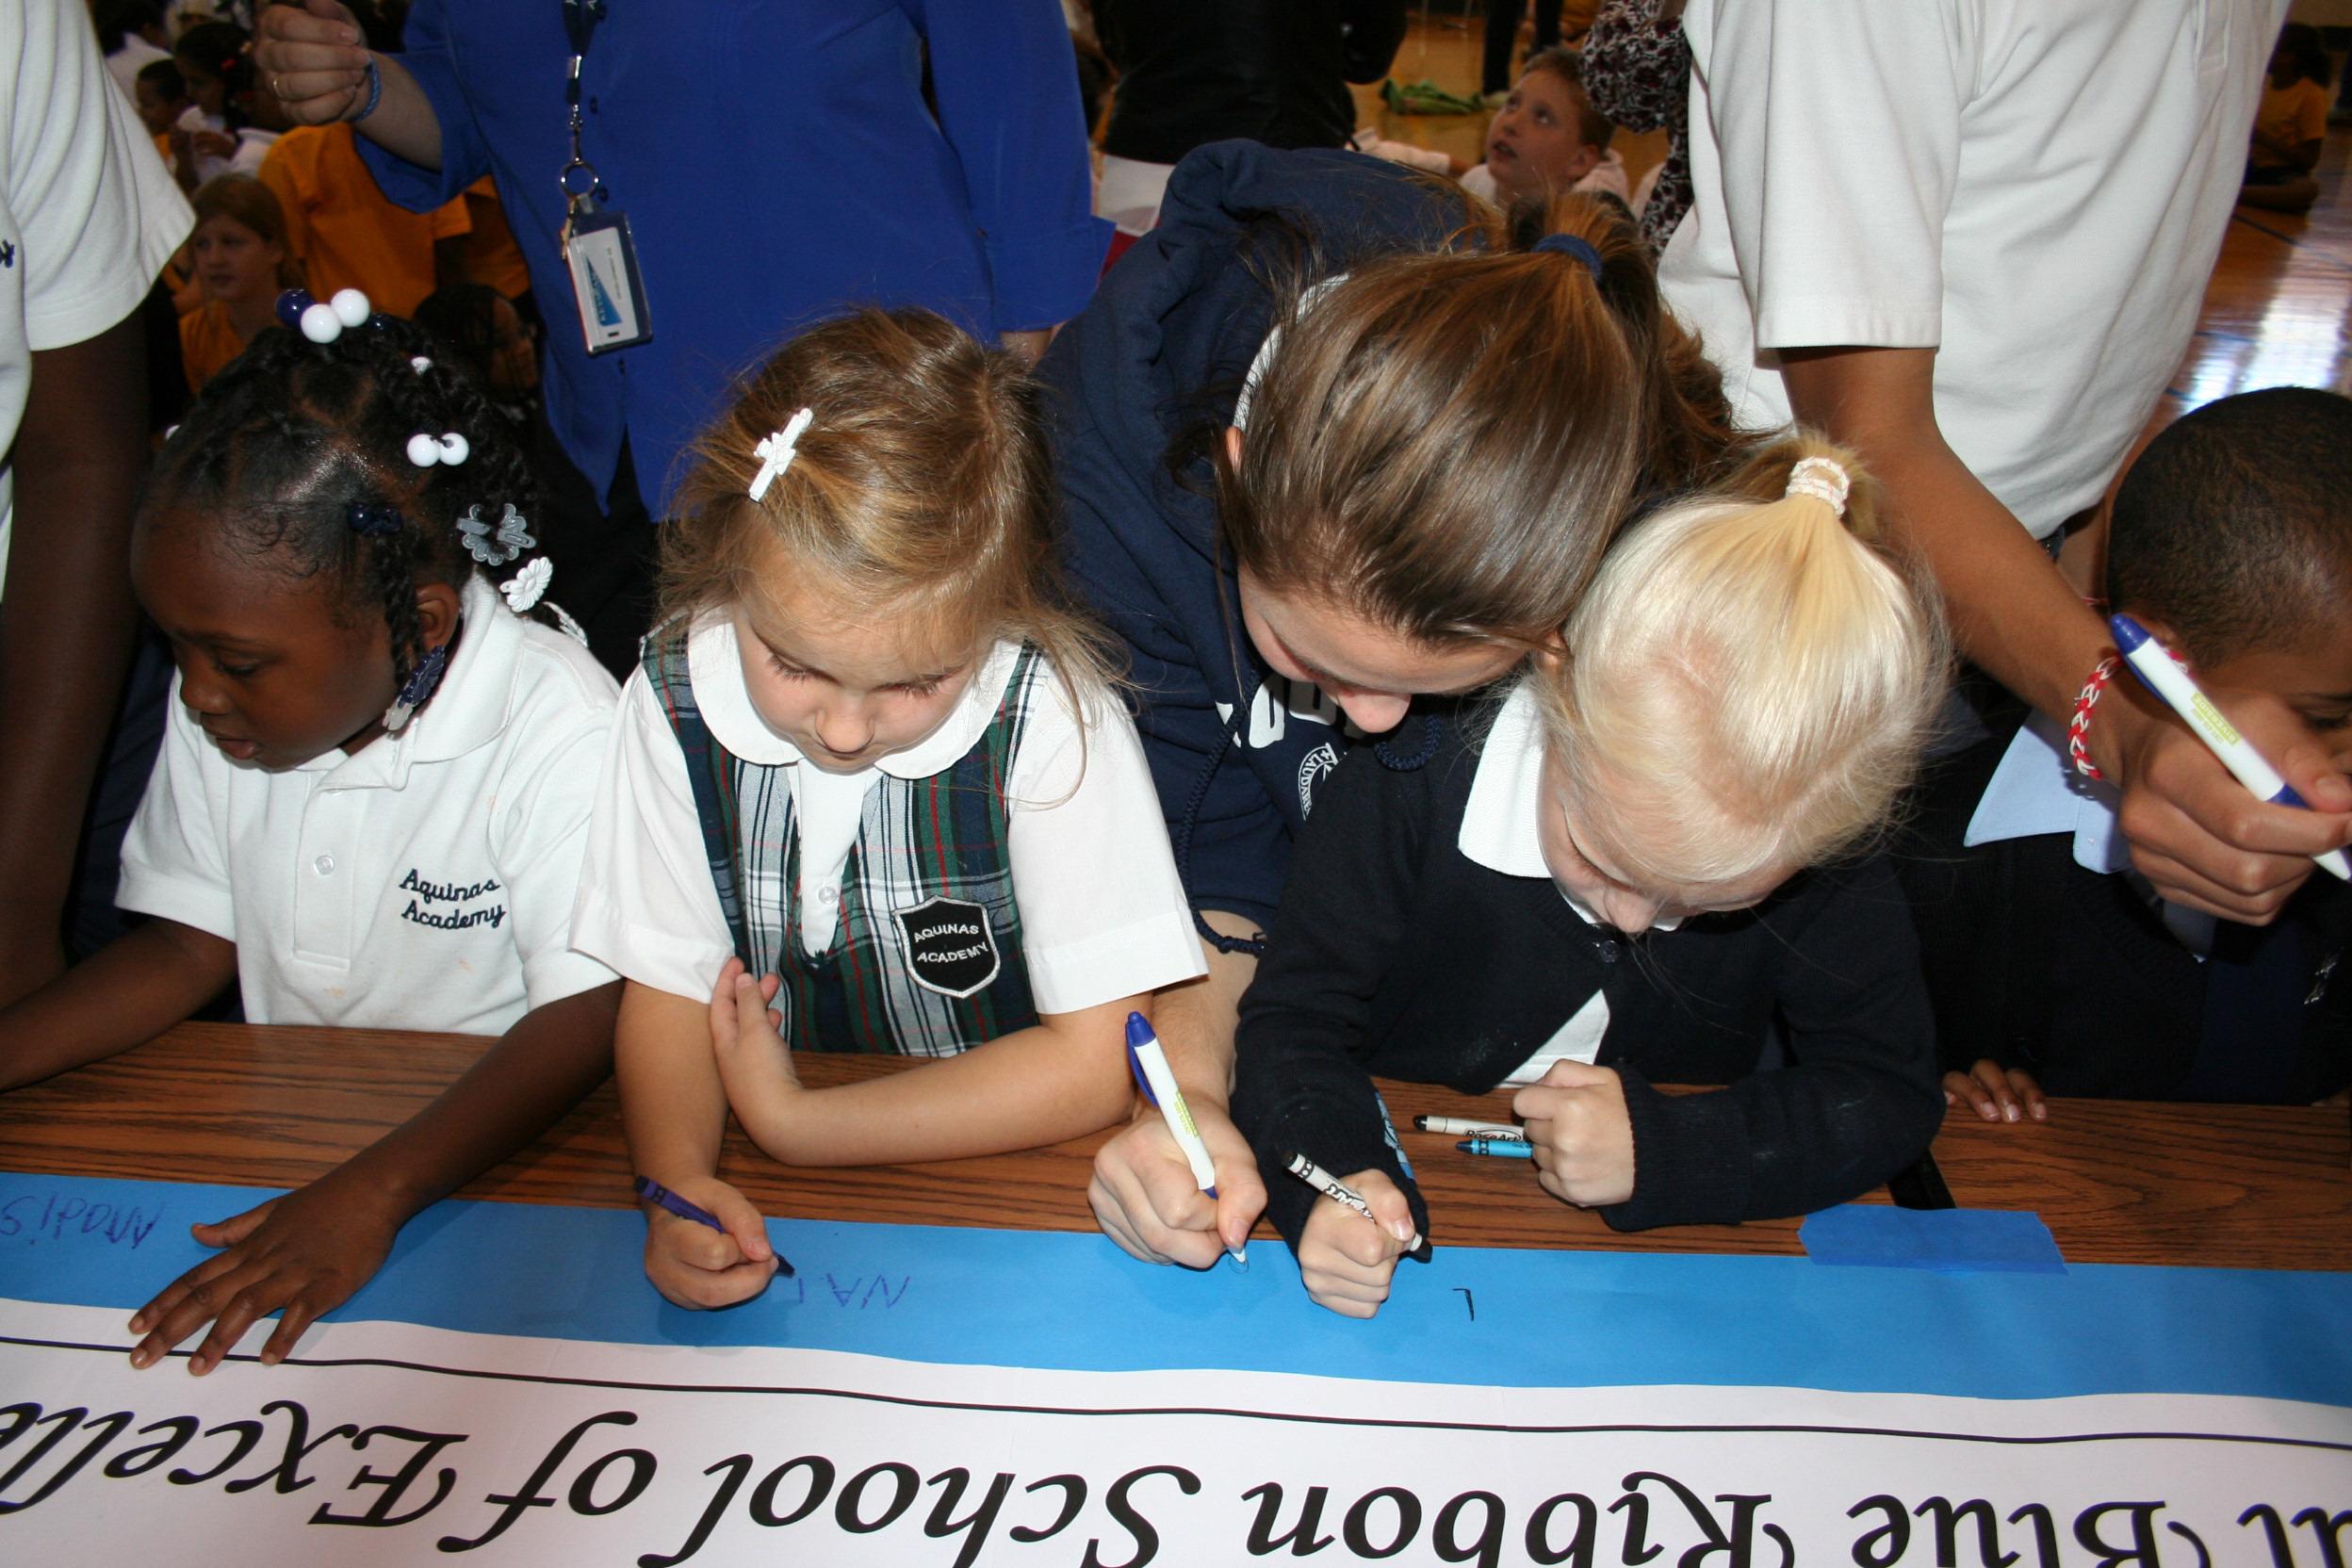 bf5b59edabf036cc0d56_Signing_the_Blue_Ribbon_Banner.jpg